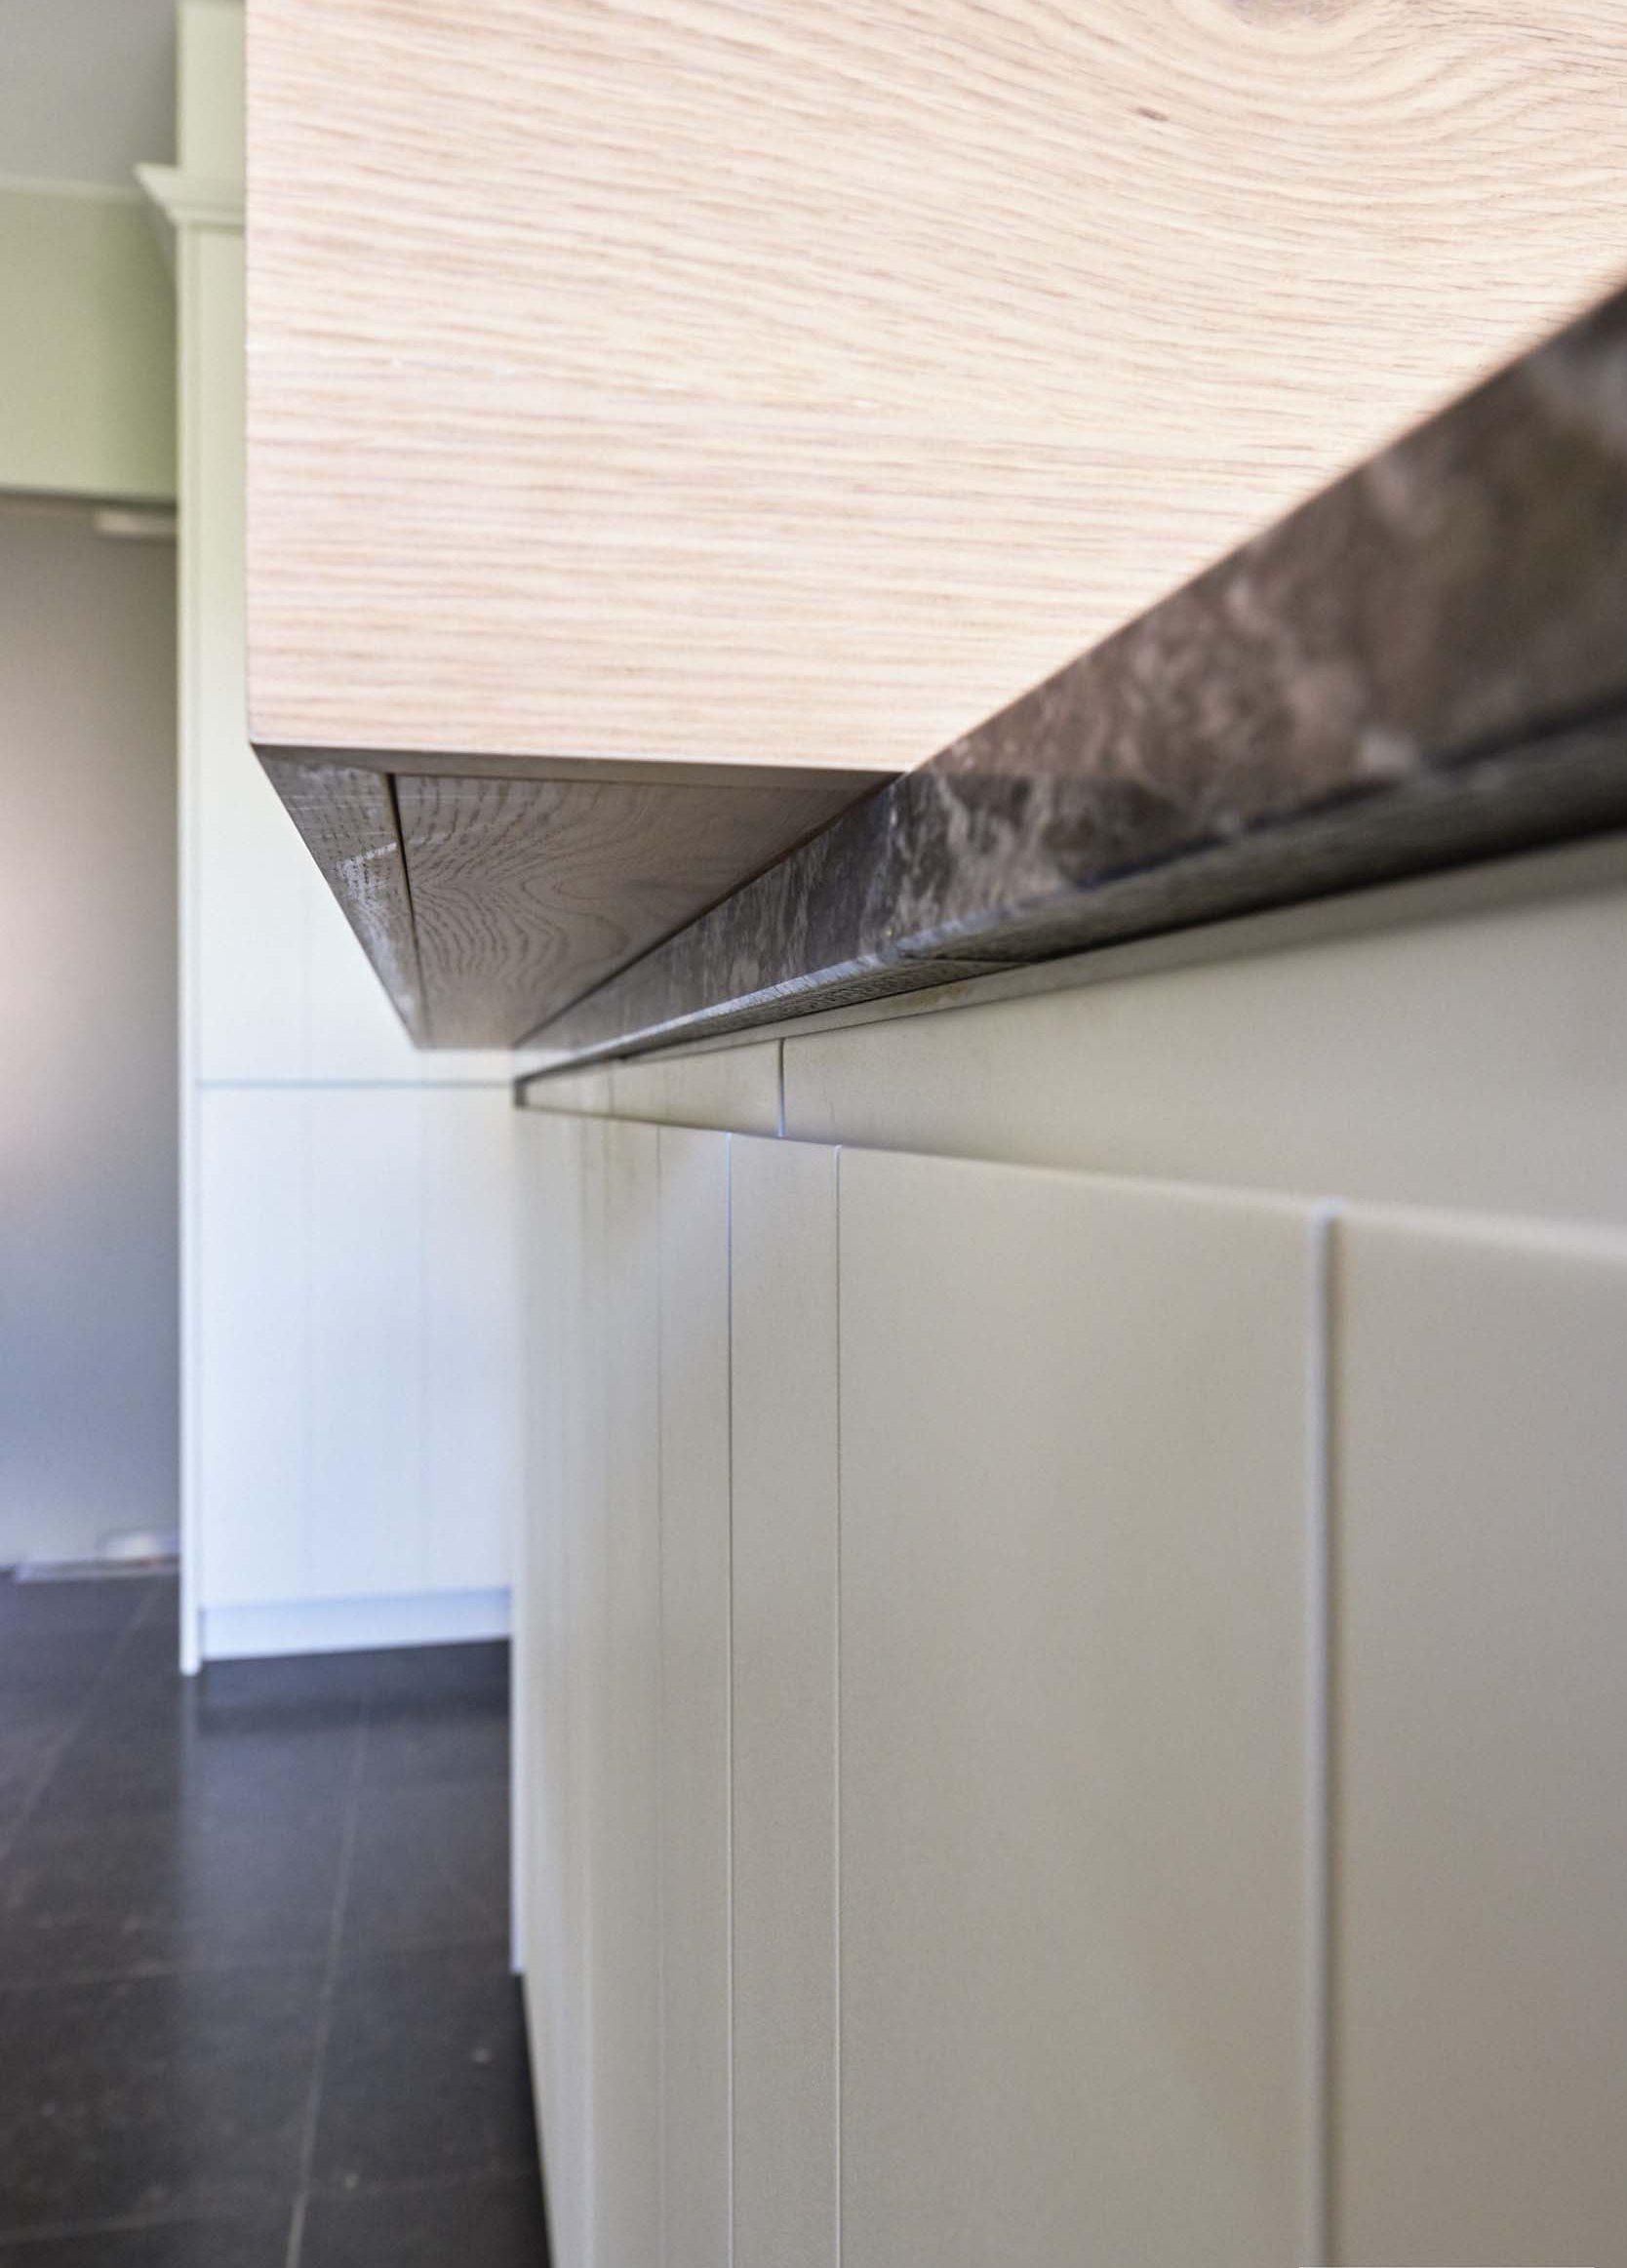 Vanda-projects-interieurinrichting-meubelmakerij-oost-vlaanderen-dumoulin-hout